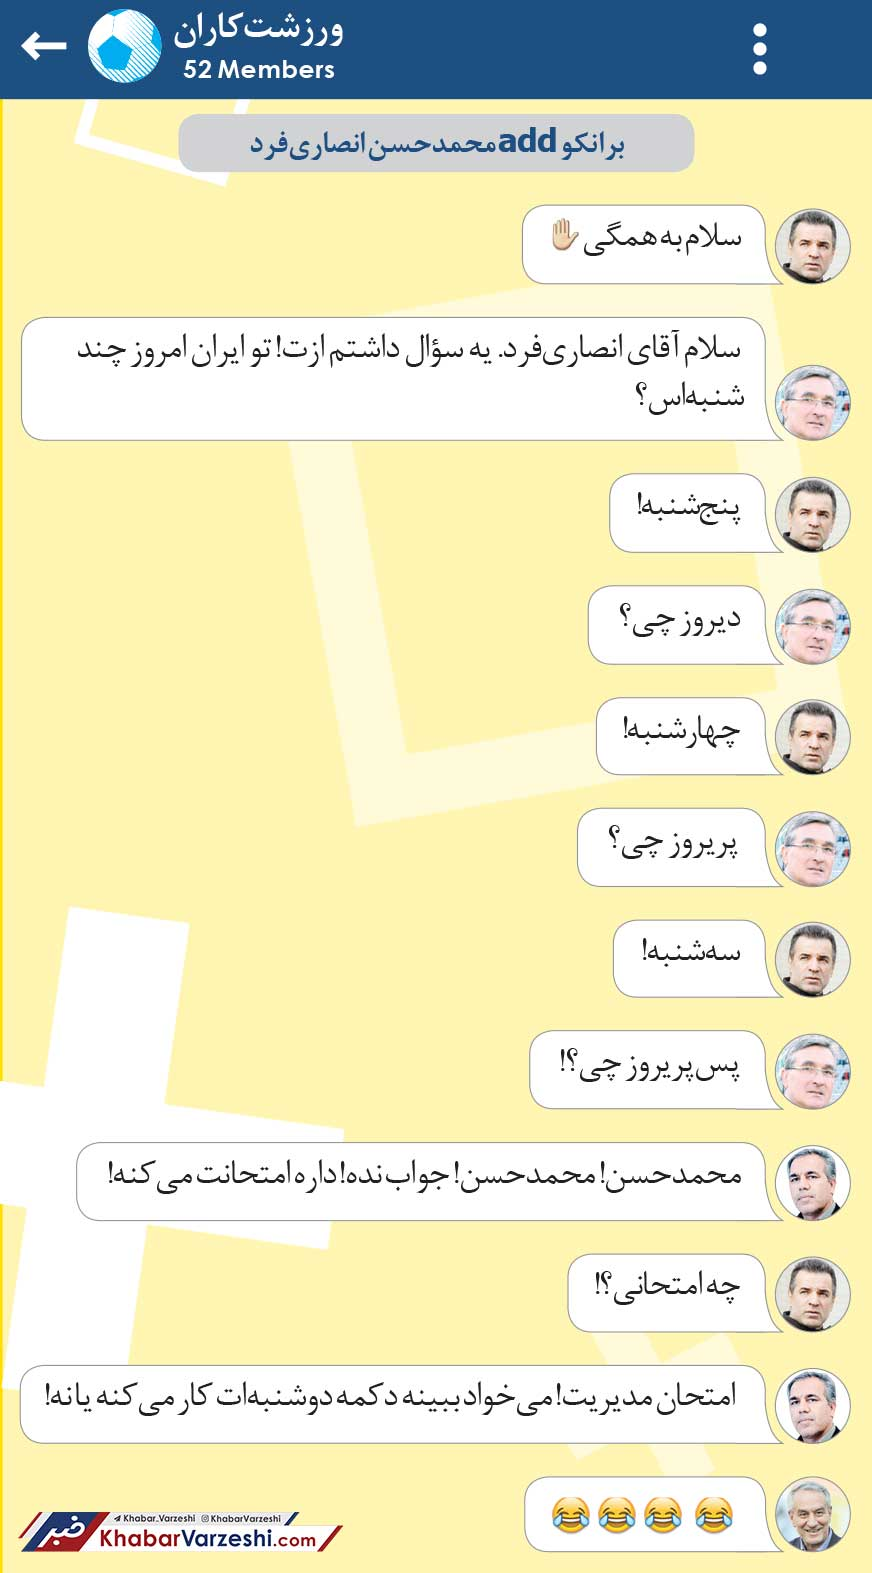 طنز ورزشتکاران میلاد سازمند درباره مقایسه عرب و انصاریفرد